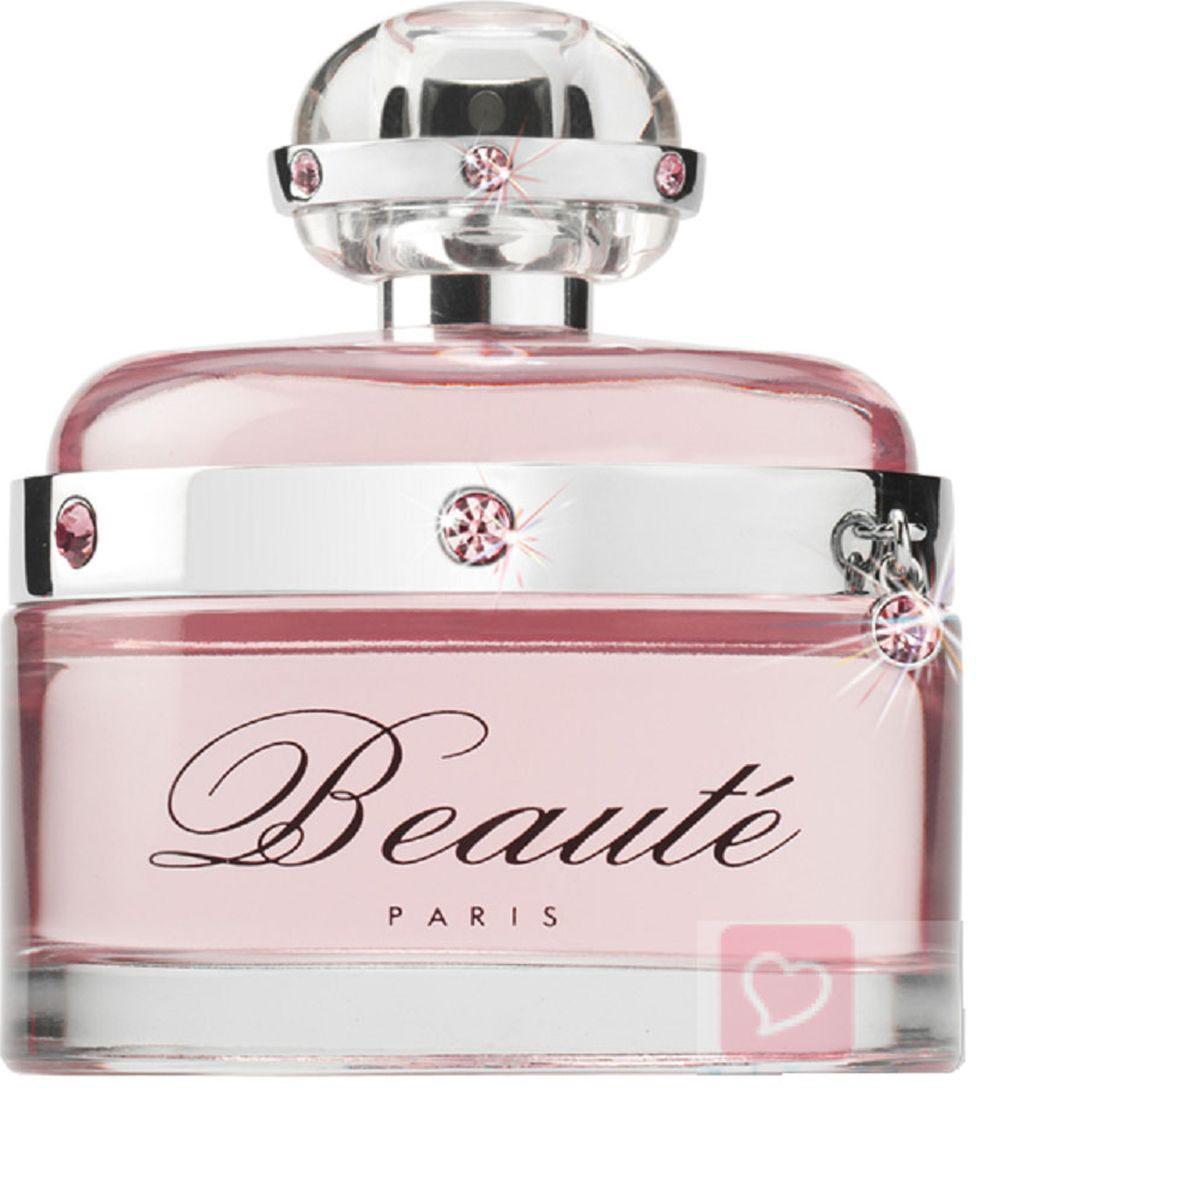 Geparlys Парфюмированная вода Beaute women, 100 мл191255Geparlys Beaute это стильный романтичный аромат, который поражает воображение и радует сердце нежностью сочных нот. Парфюмерный букет аромата представляет собой сочетание потрясающих аккордов из сладких фруктов, приправленных пряной древесиной и мощными нотами растений, которые оттеняют все прелесть фруктовой мелодии. Ноты: амбры, черной смородины, имбиря, душистого перца и ириса сливаясь воедино, образуют великолепную симфонию нот и аккордов.